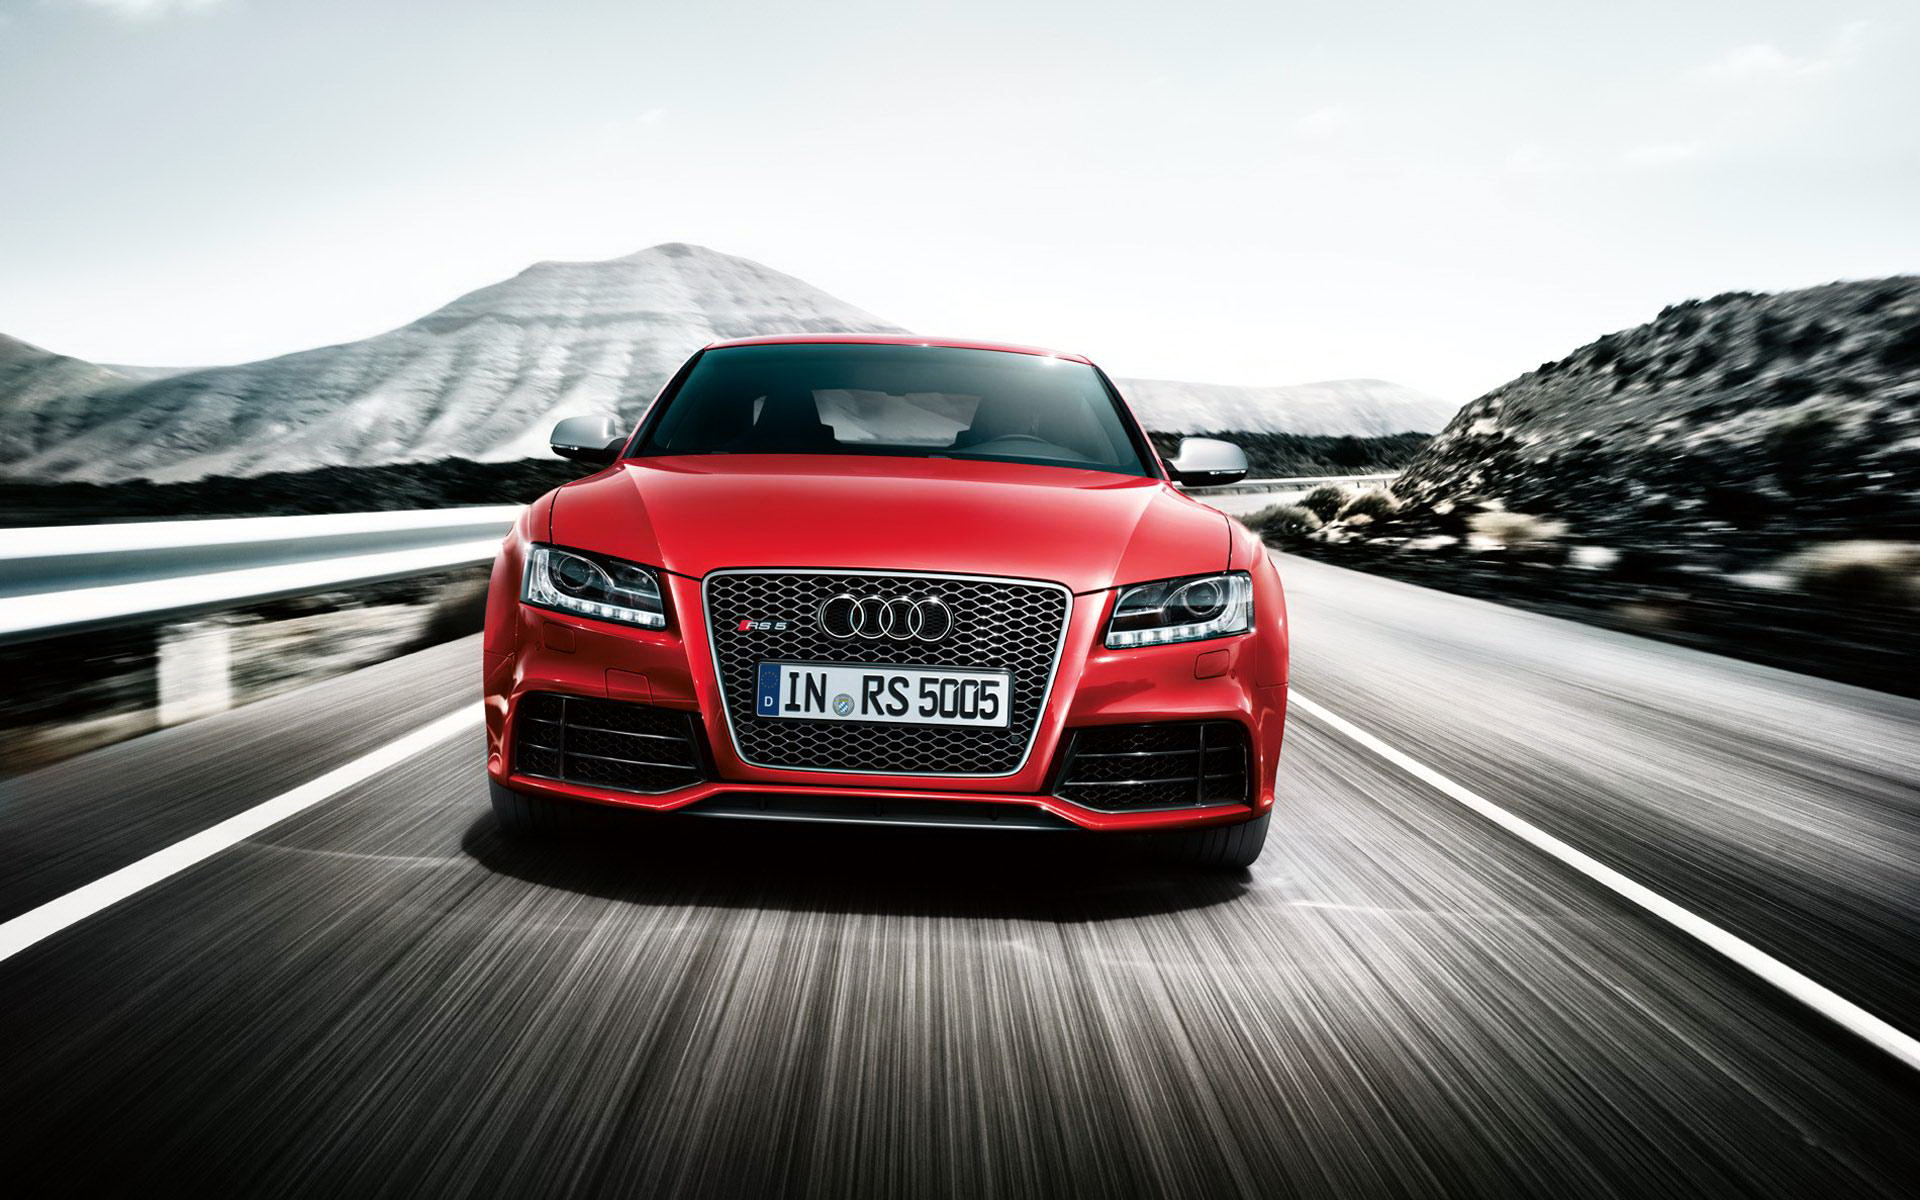 красный черный автомобиль Audi TT red black car  № 2626220 бесплатно